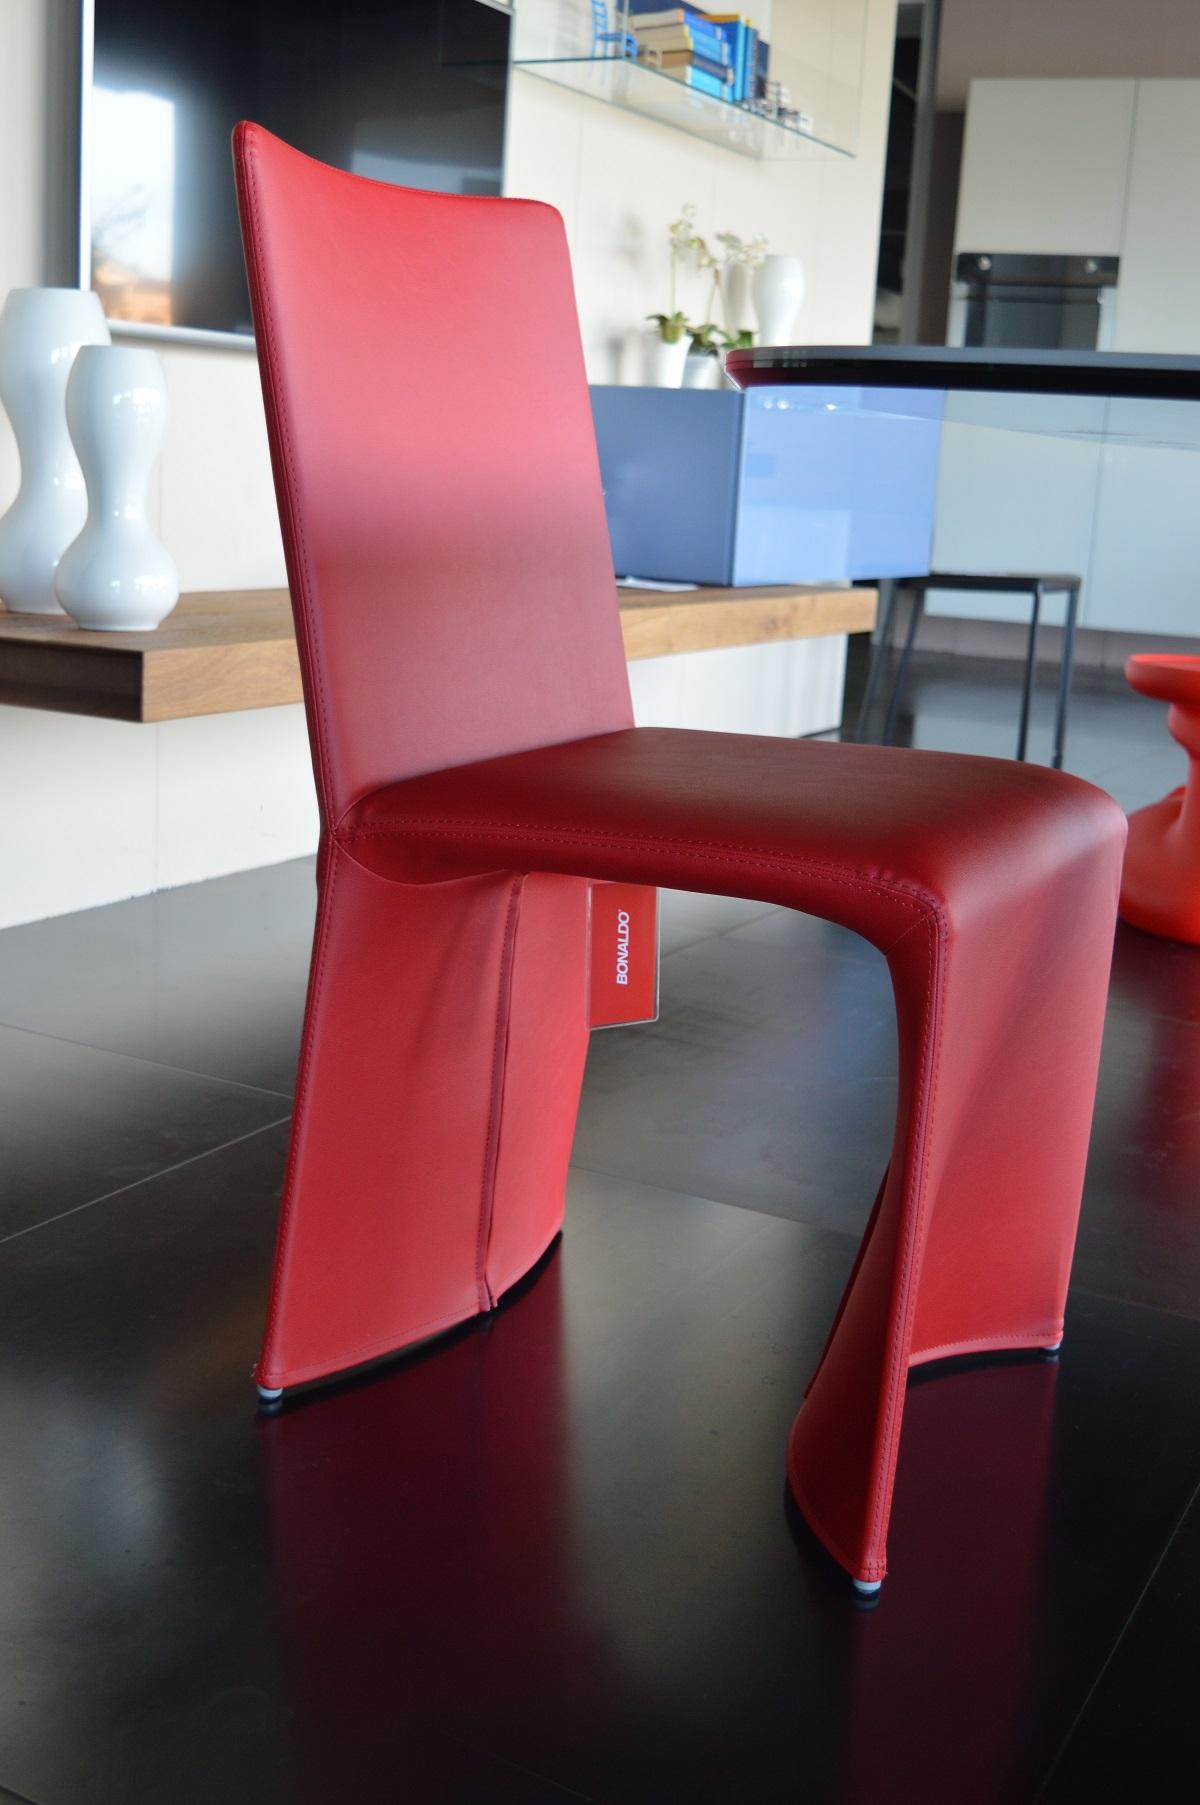 Bonaldo sedia ketch scontato del 41 sedie a prezzi scontati - Sedie ufficio padova ...